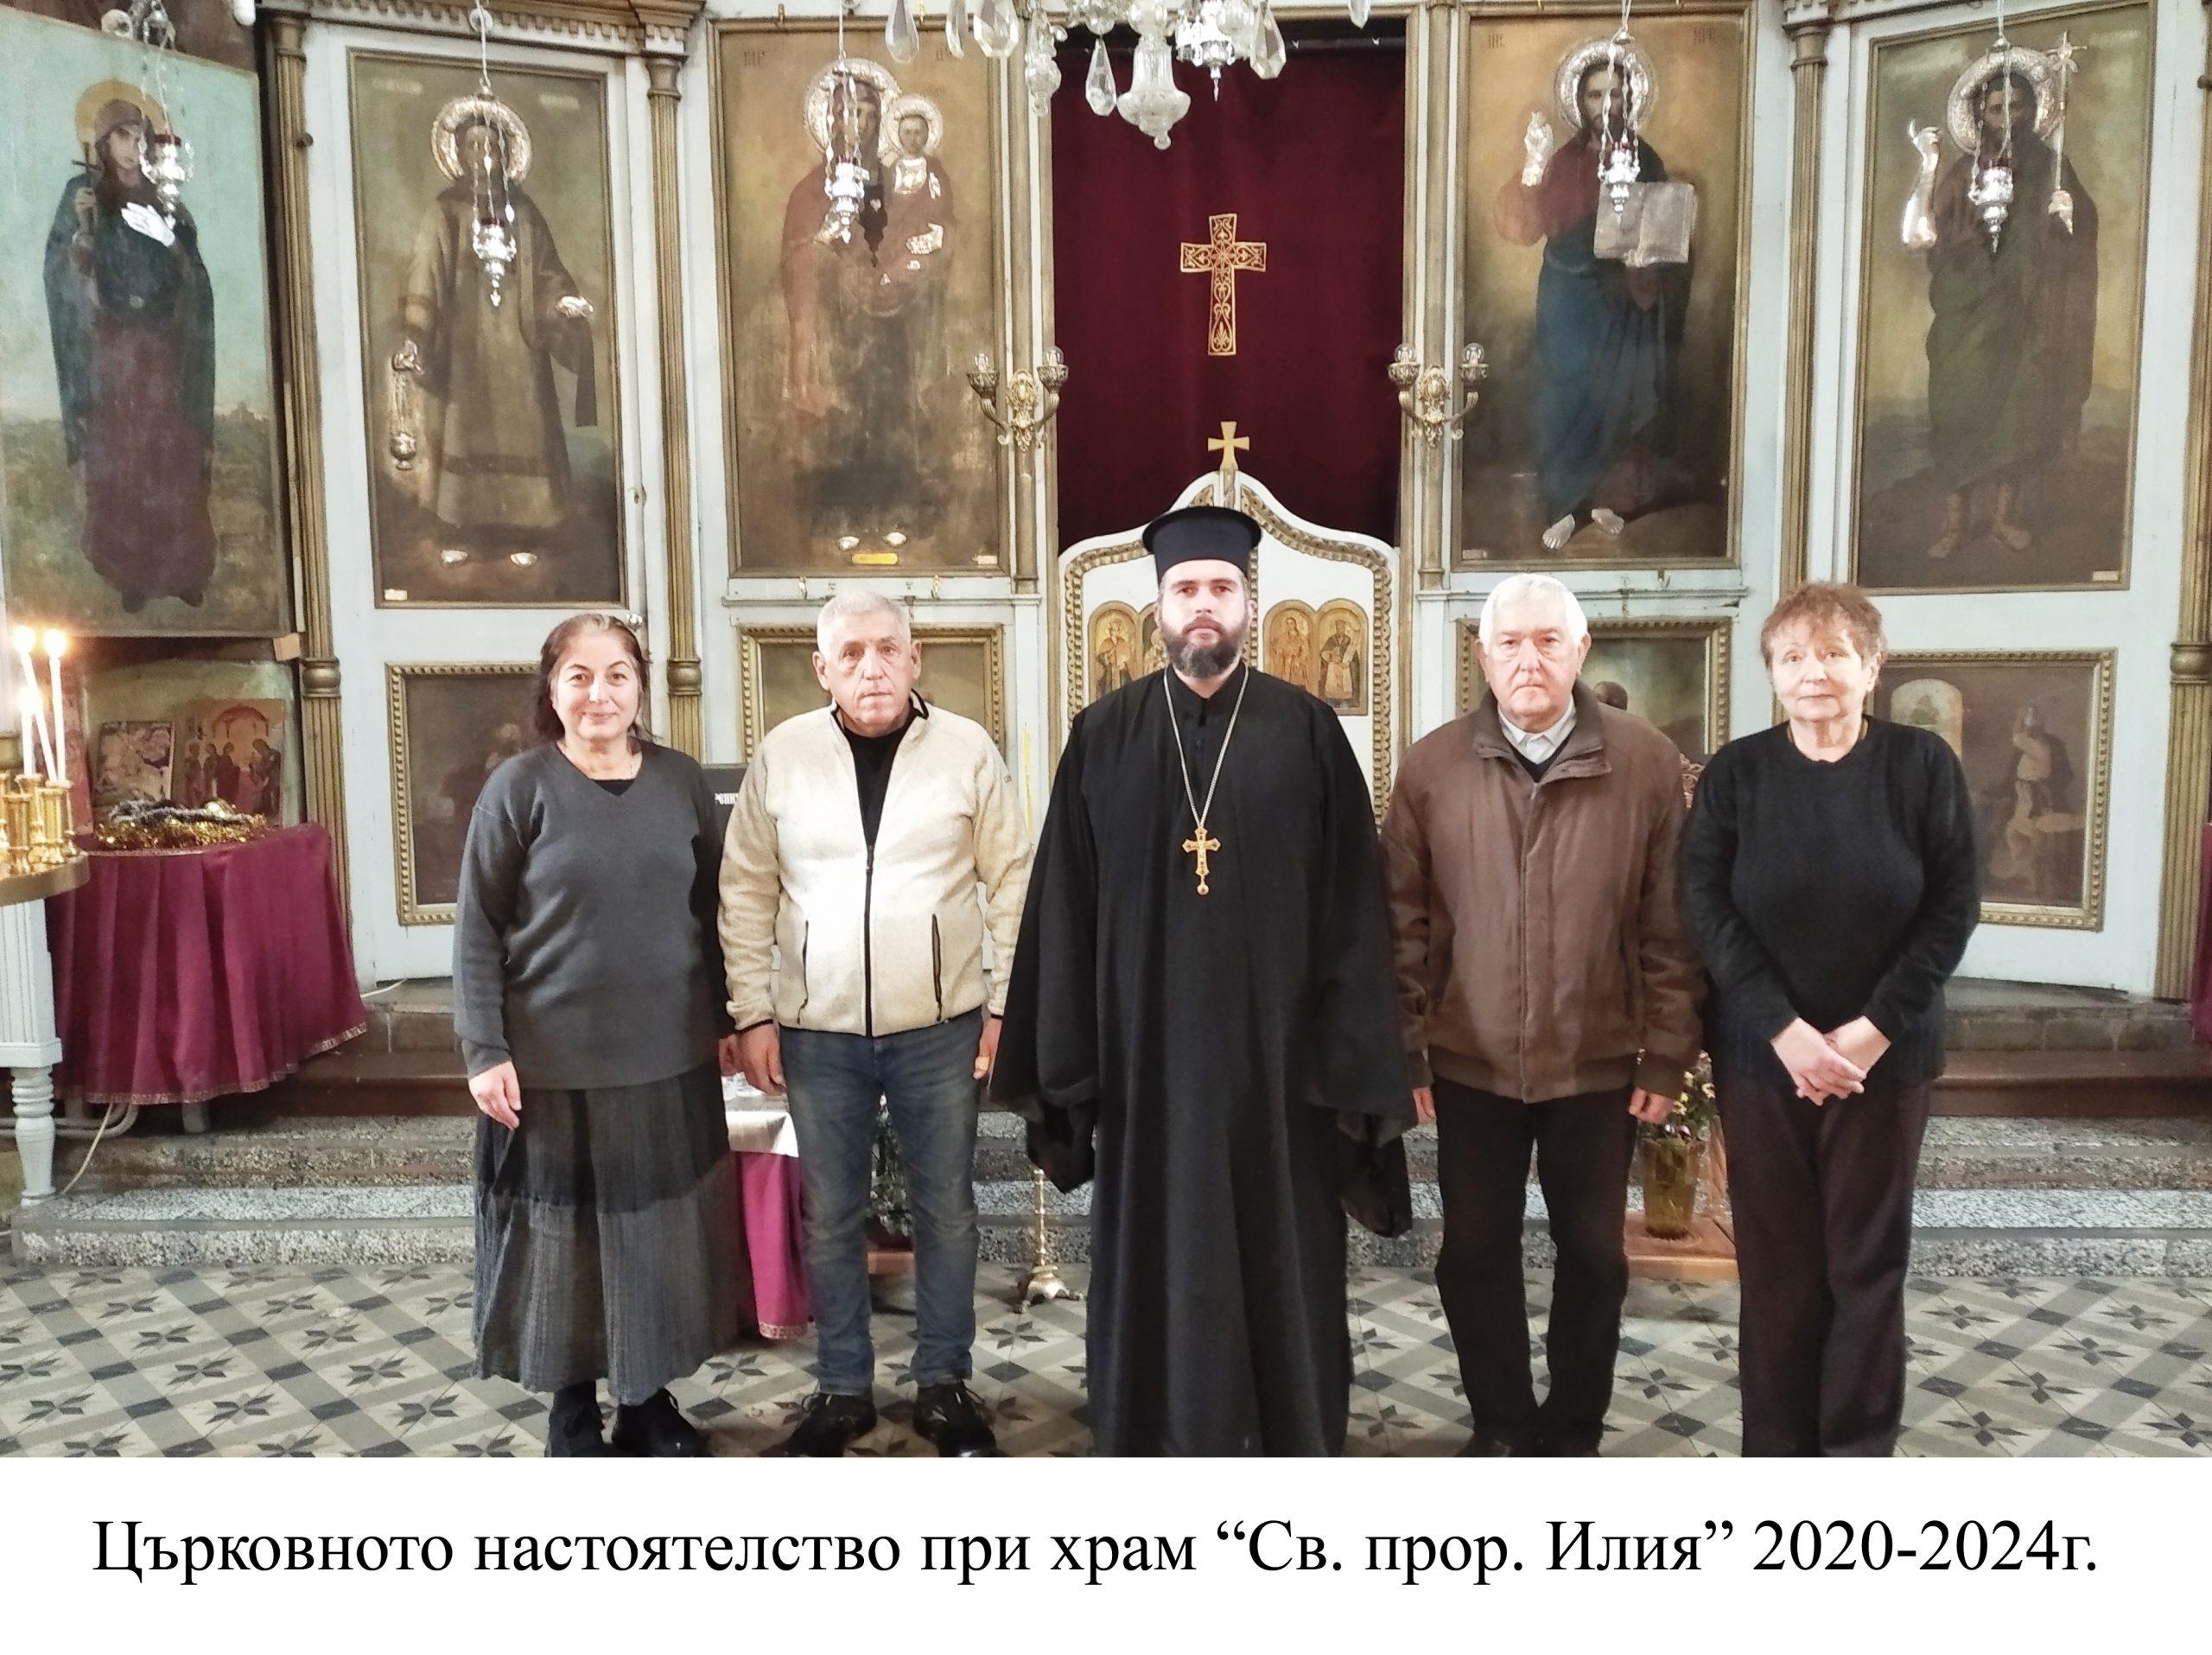 Утвърден бе изборът на новото Църковно настоятелство